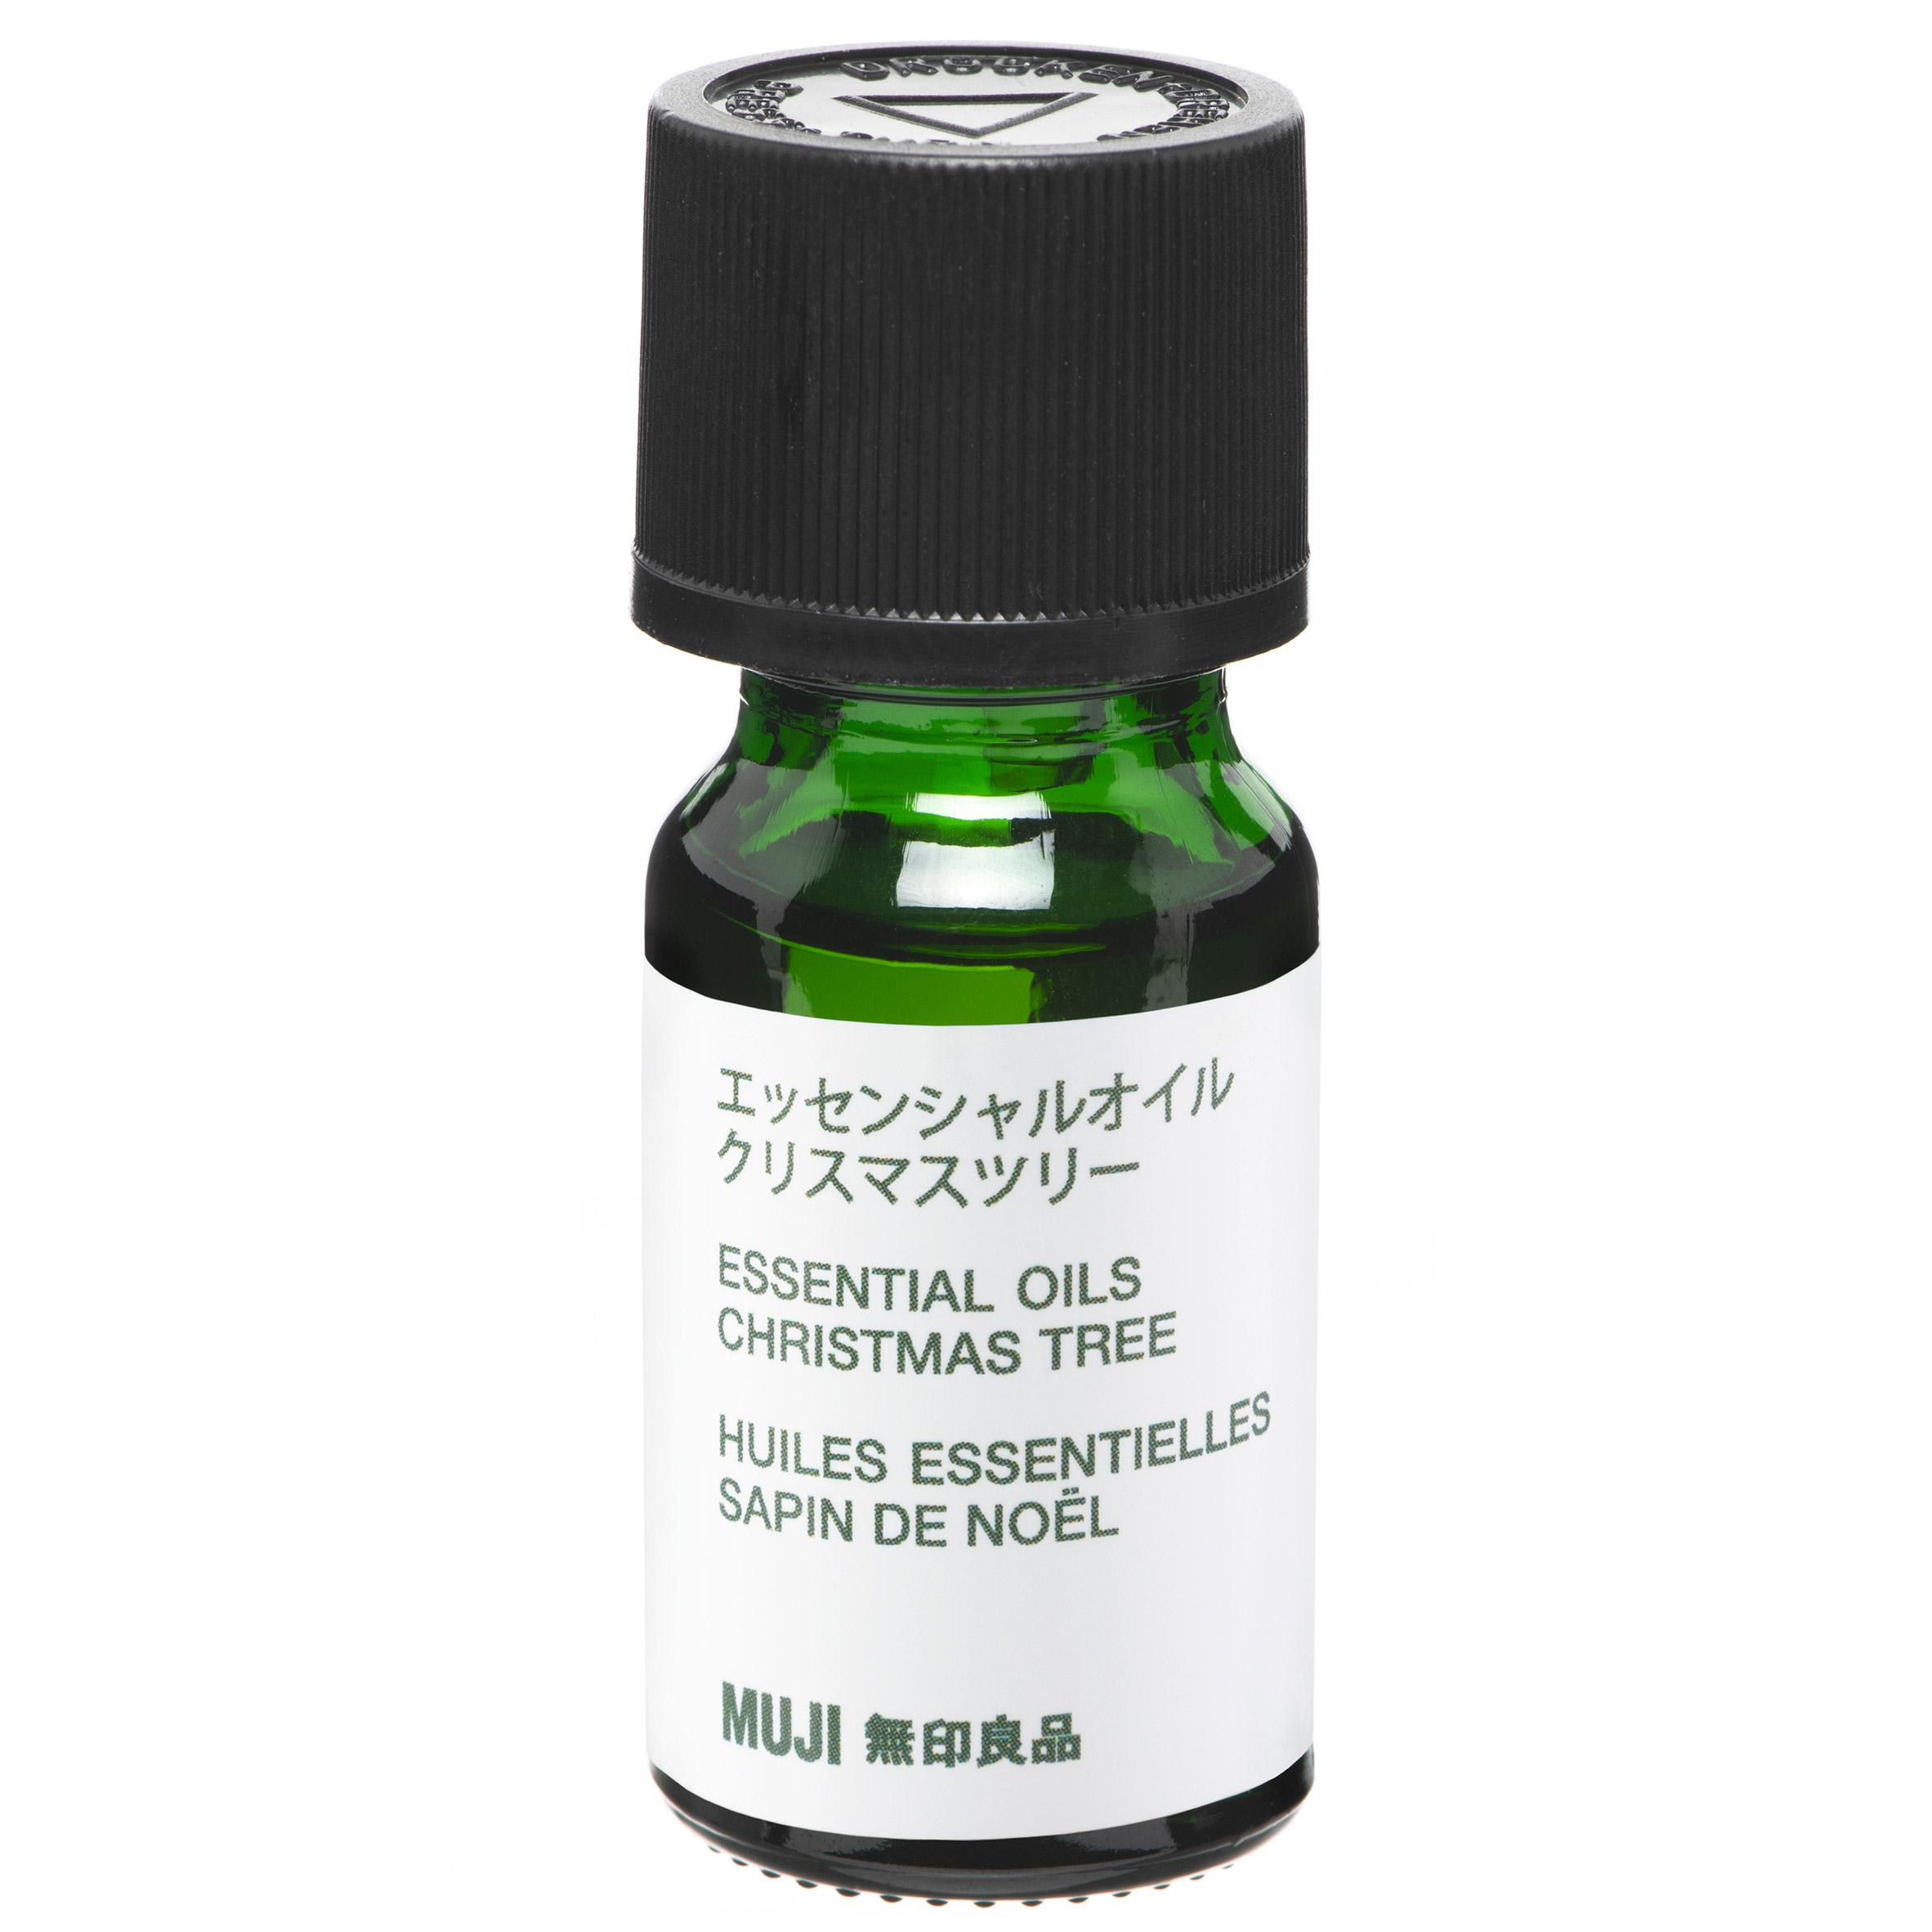 Muji Winter Spice Essential Oils